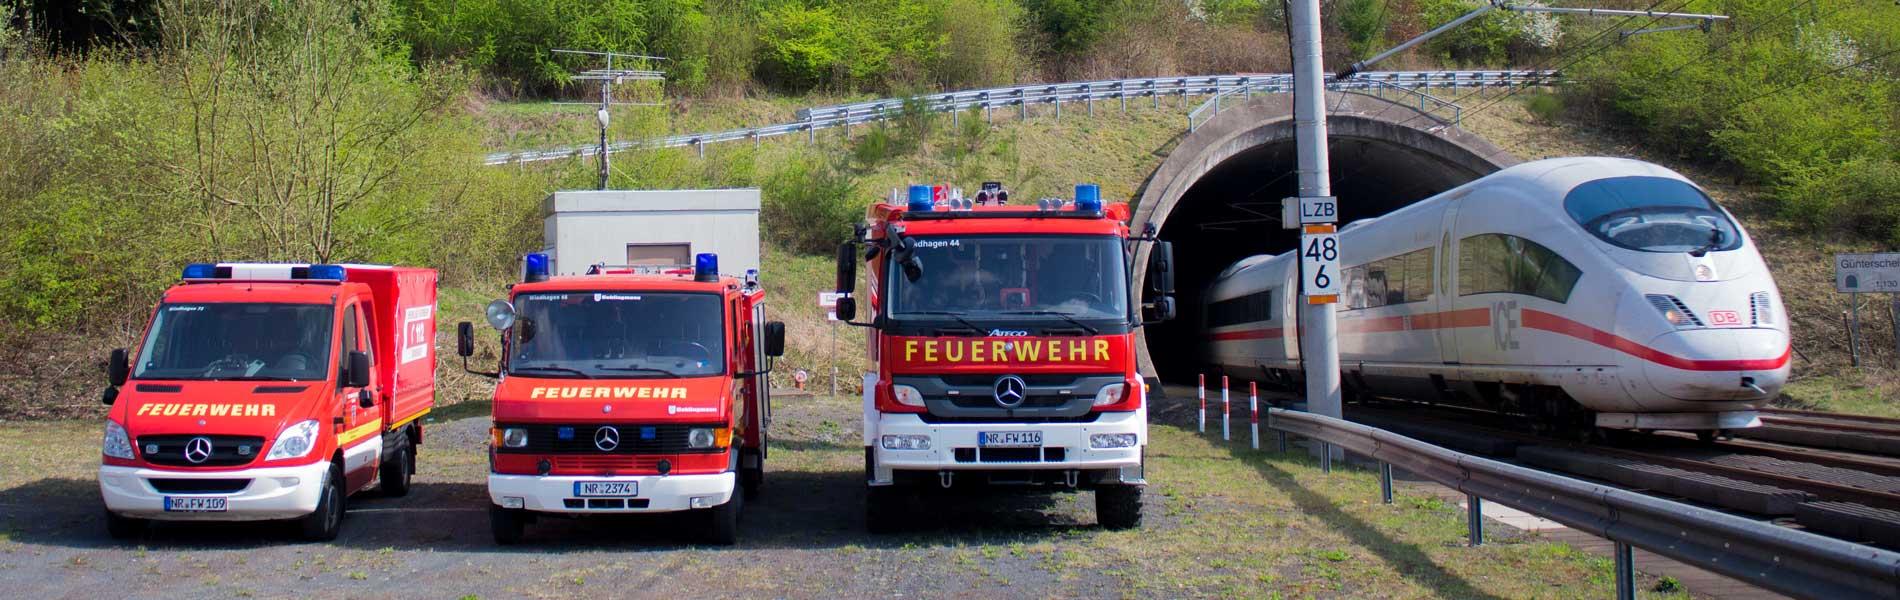 Feuerwehr-Windhagen_Fahrzeuge_VG-Asbach